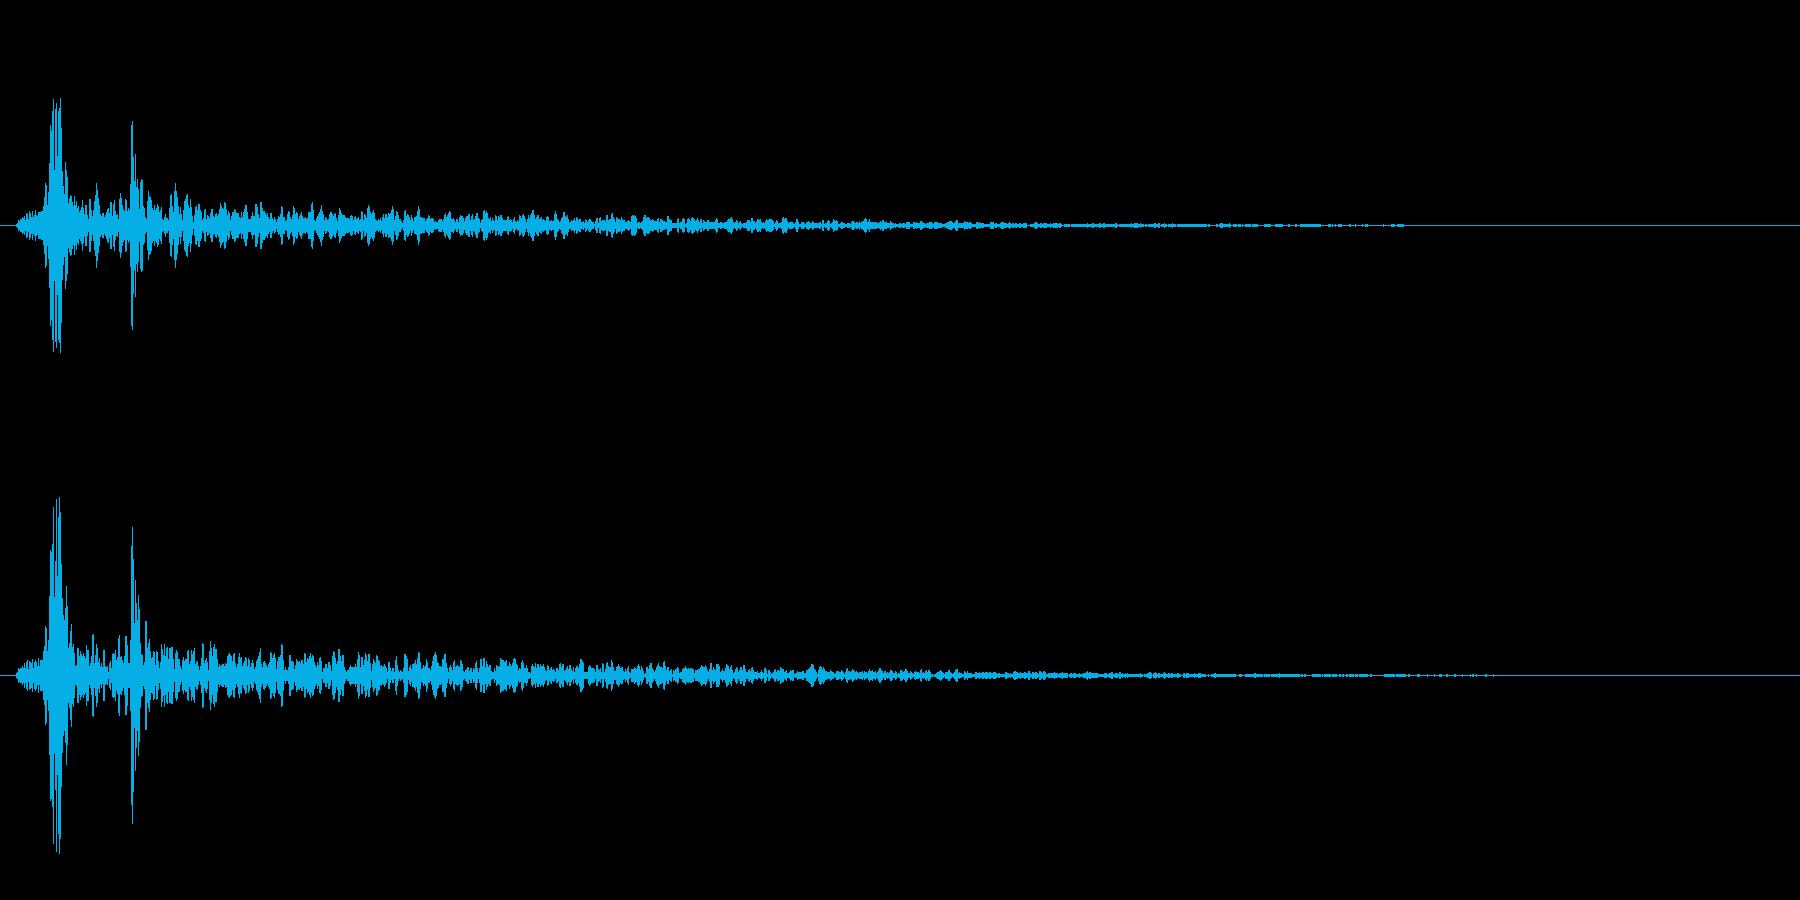 巨大モンスターの心臓音の再生済みの波形